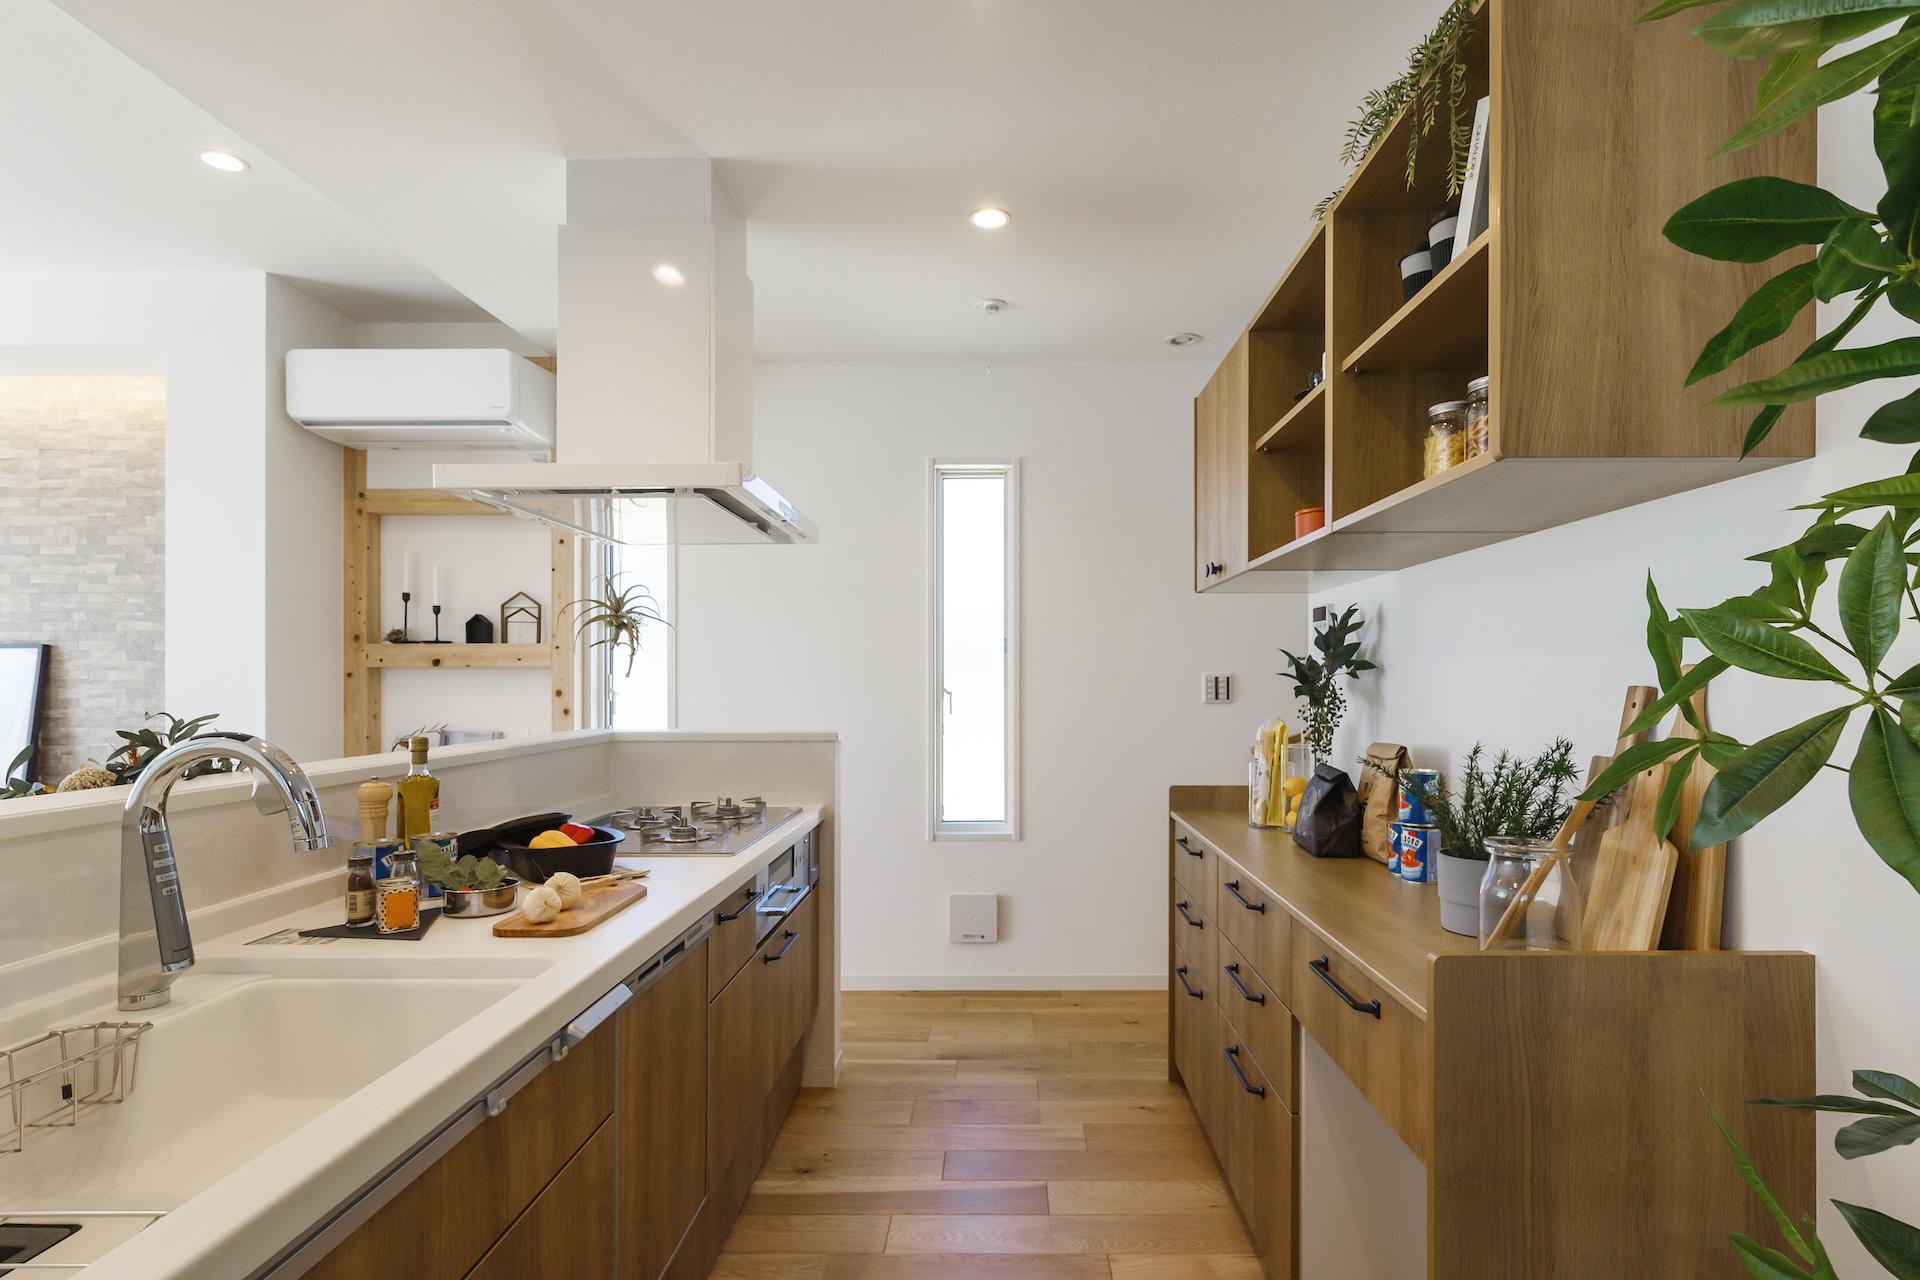 ミサワホーム静岡【デザイン住宅、収納力、インテリア】みんなで料理をするなら、オープンな対面式のキッチンがおすすめ。キッチンを囲んで視線を合わせながら作業ができるので、ふれあいながら楽しく準備ができる。こだわりのマグカップやポットをディスプレイできるよう、あえてオープン収納にしたカップボードは、おしゃれに見せたいところ